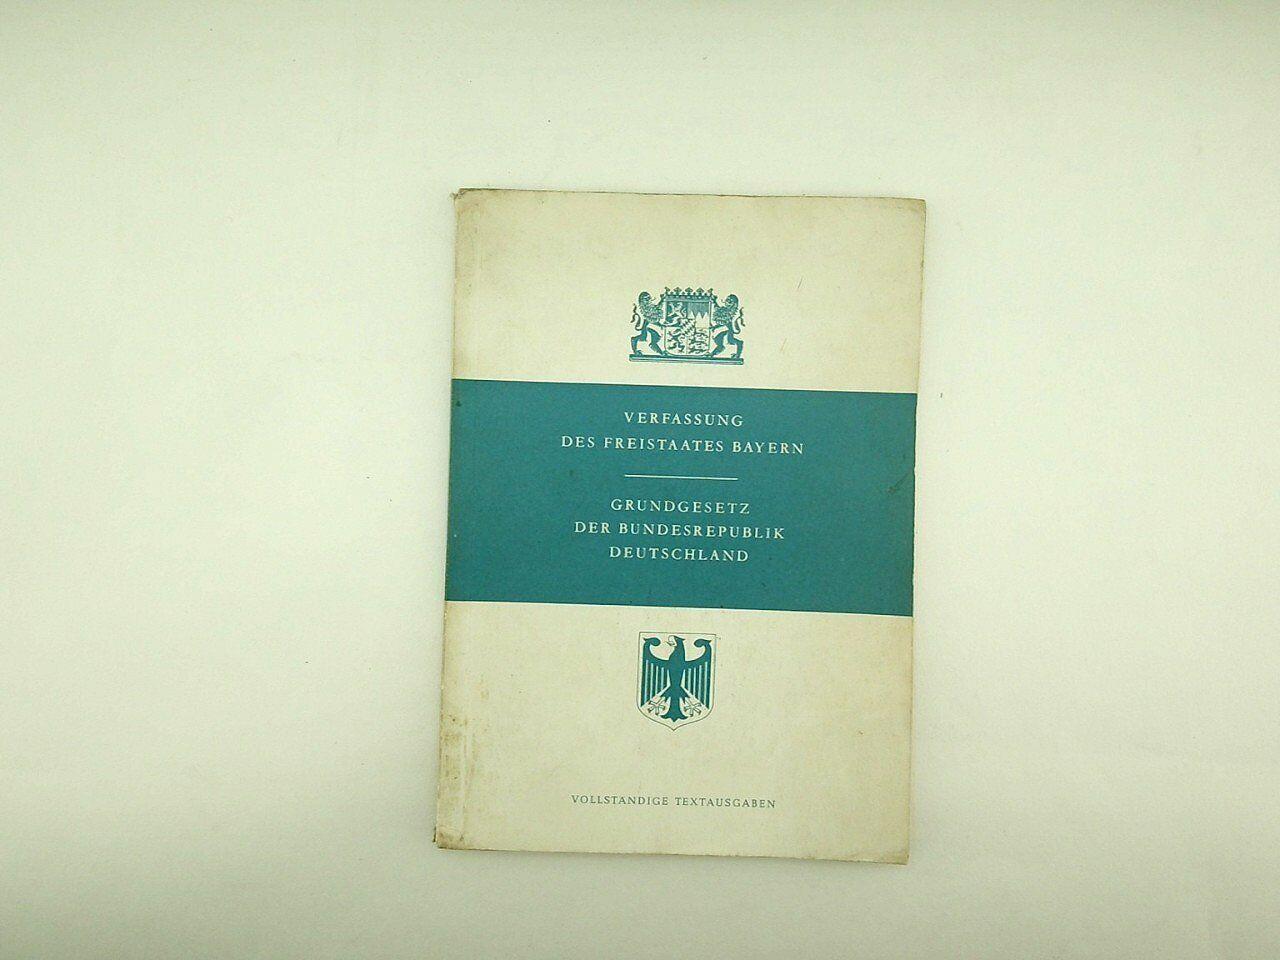 Grundgesetz der Bundesrepublik Deutschland - Verfassung des Freistaates Bayern